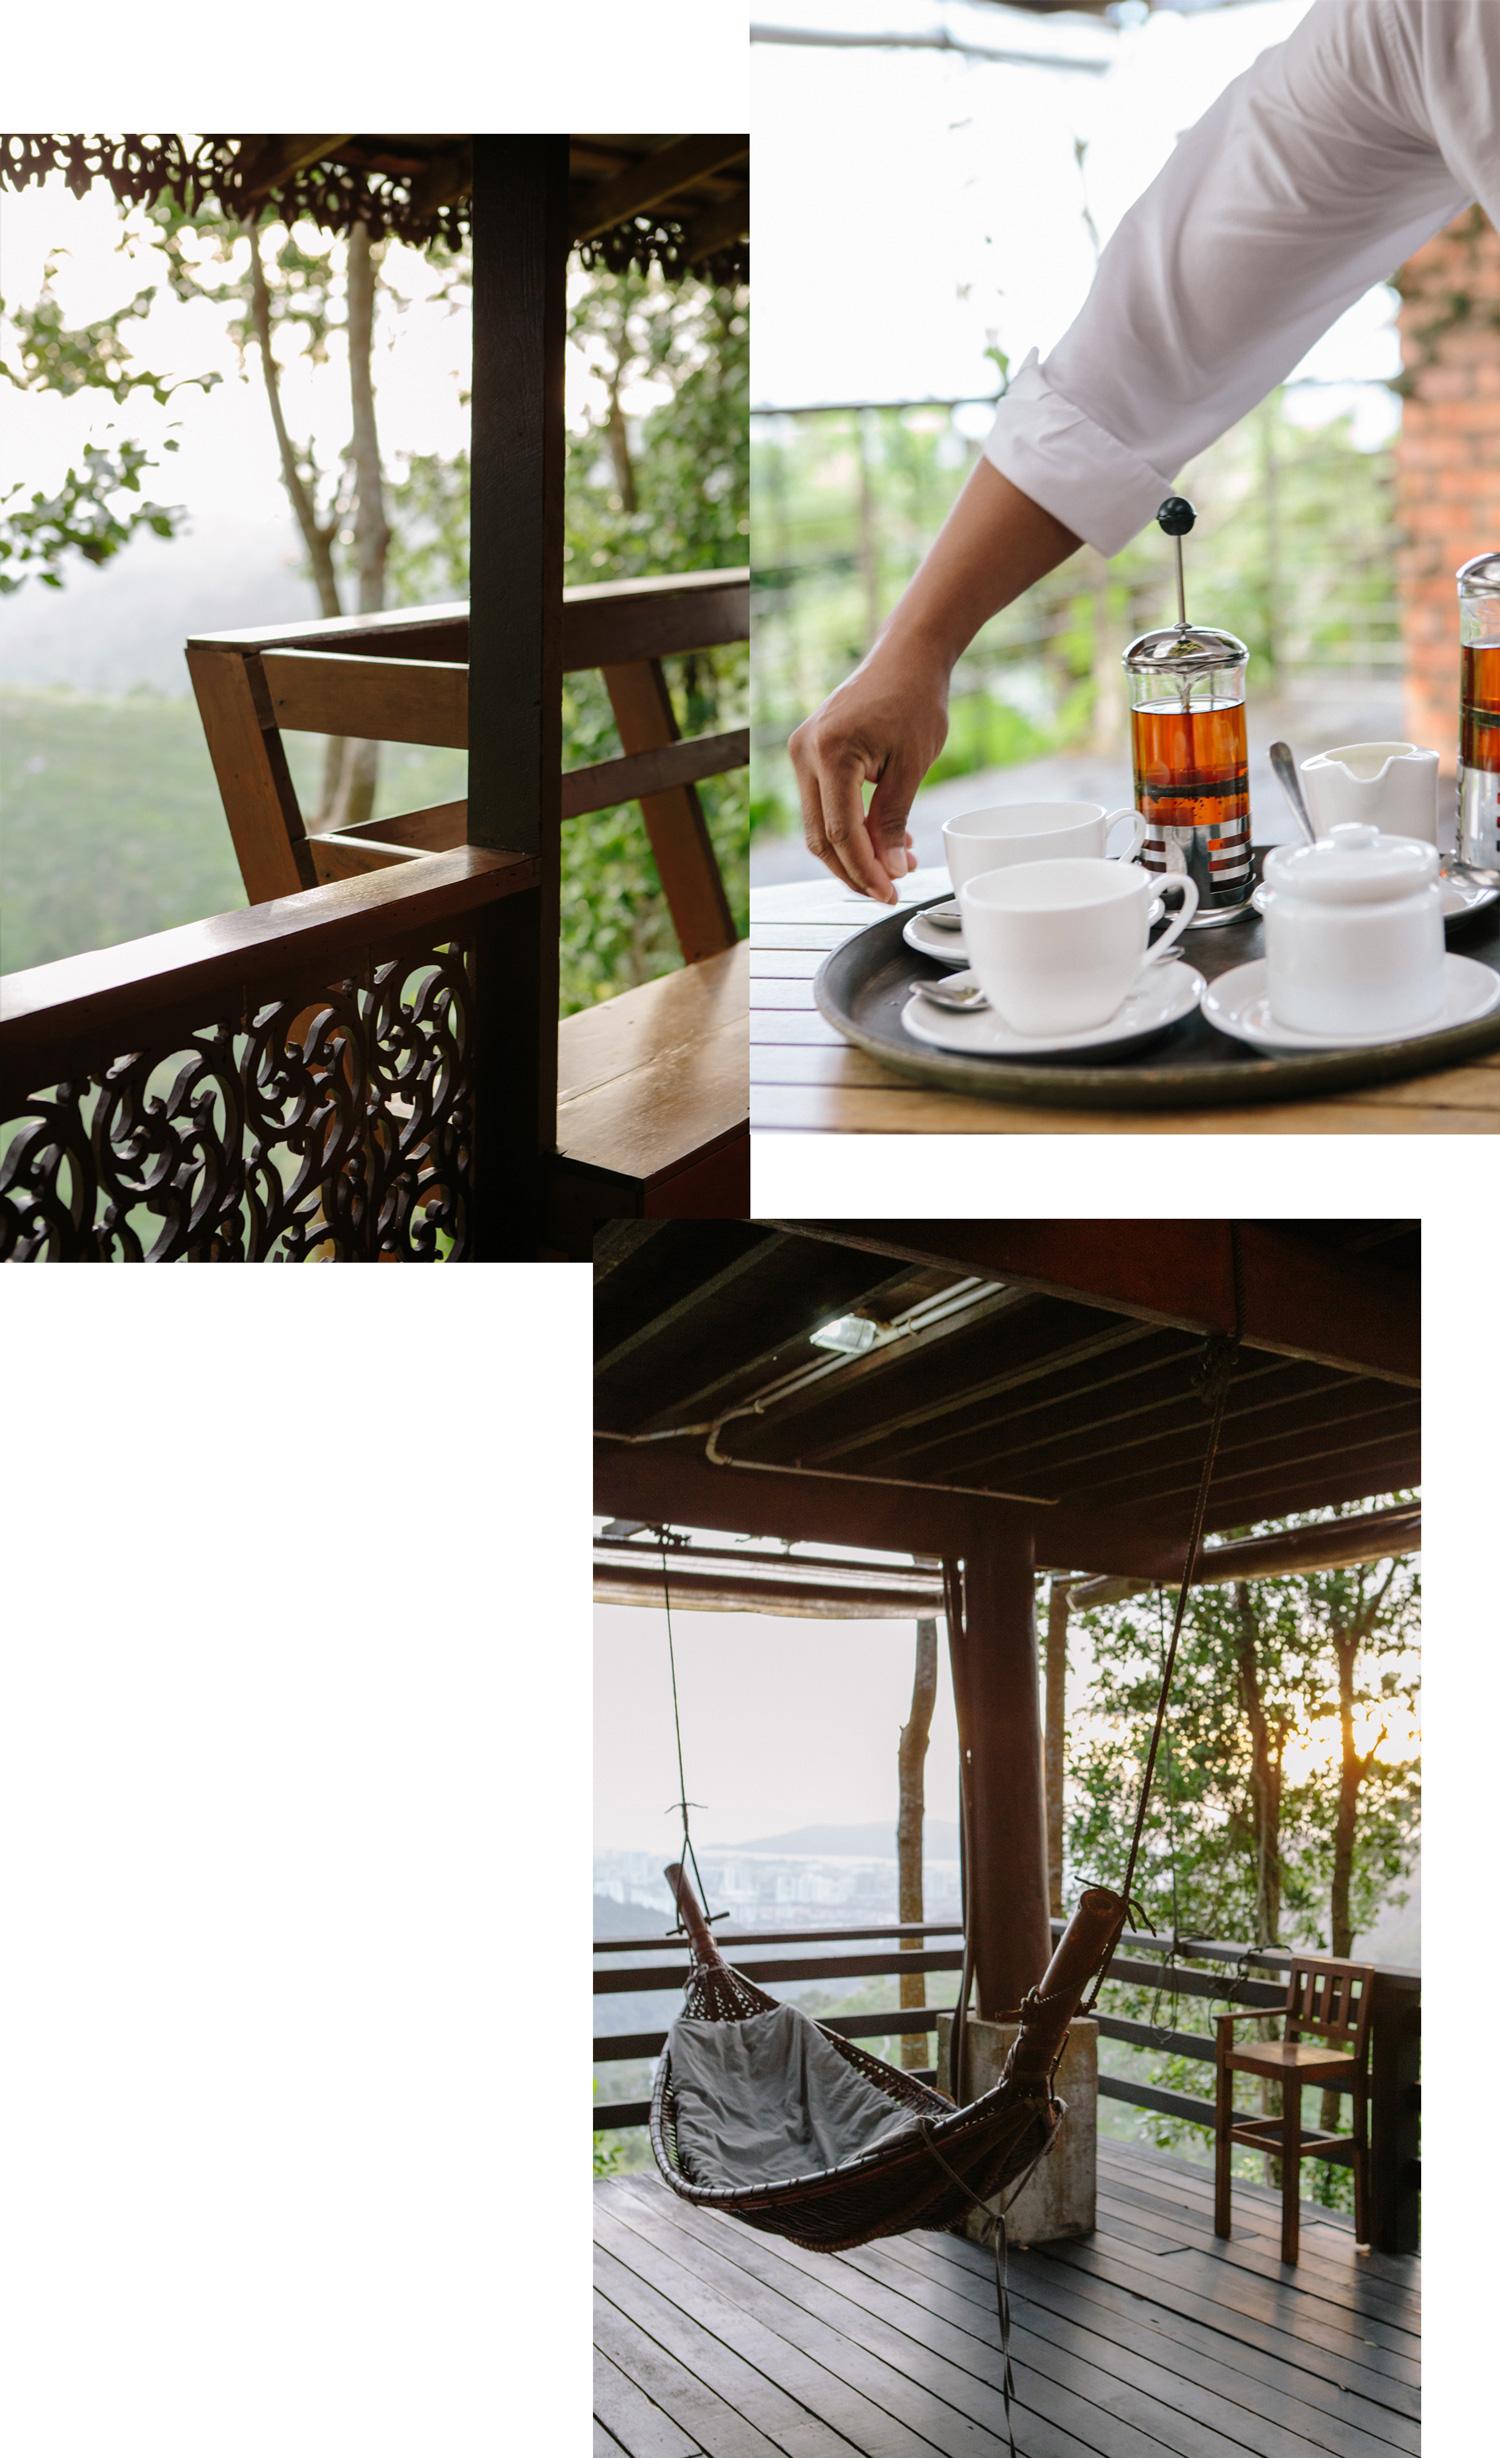 malihom-balcony-breakfast-hammock-tea